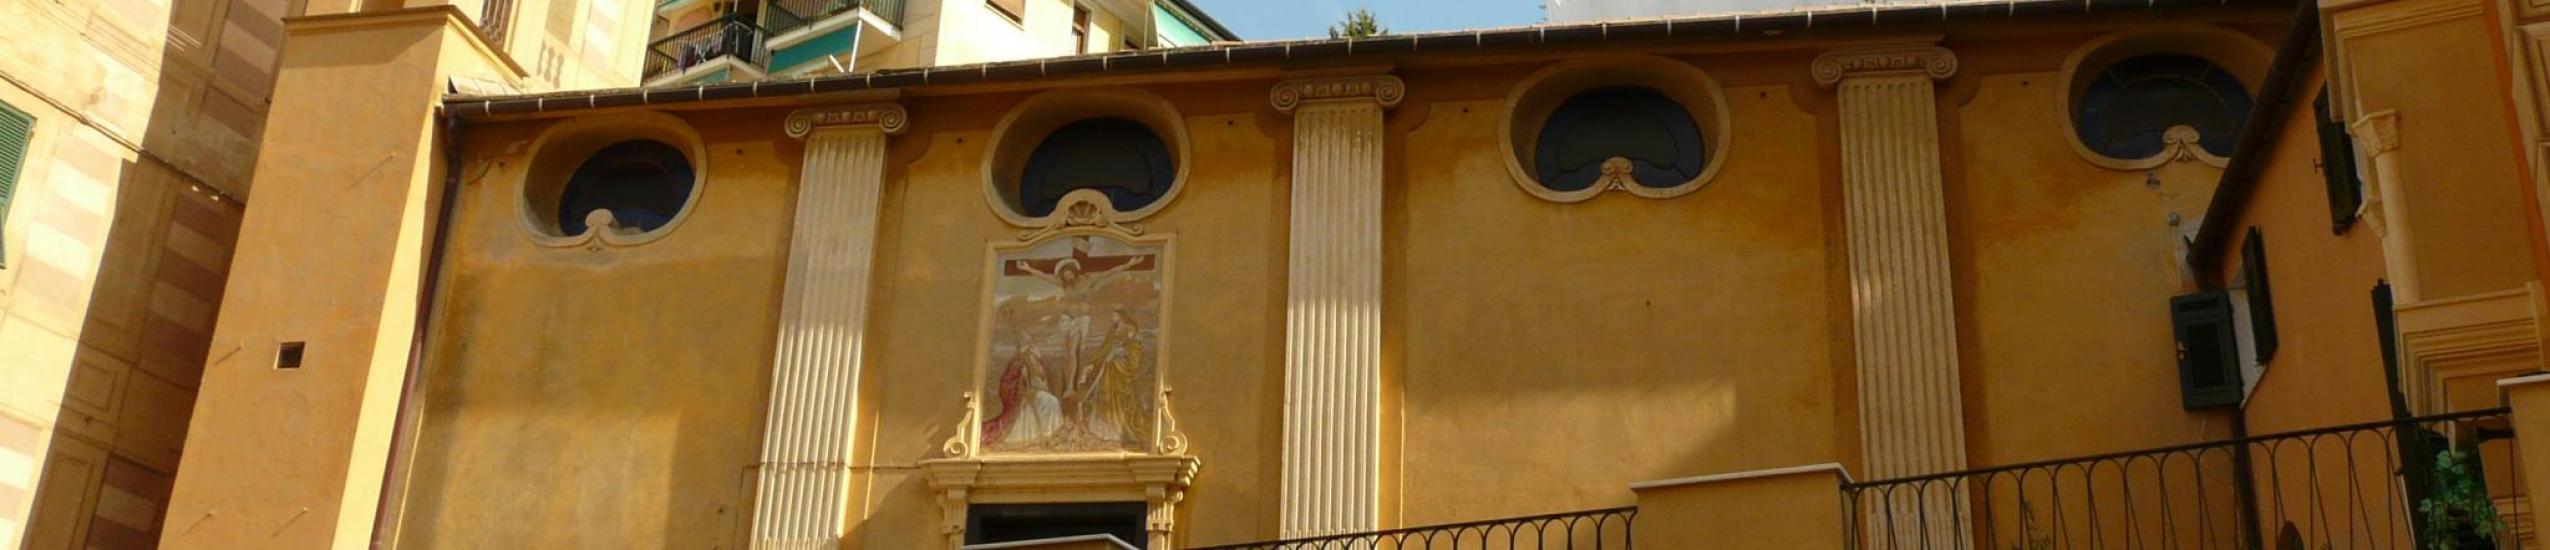 oratorio dei santi prospero e caterina